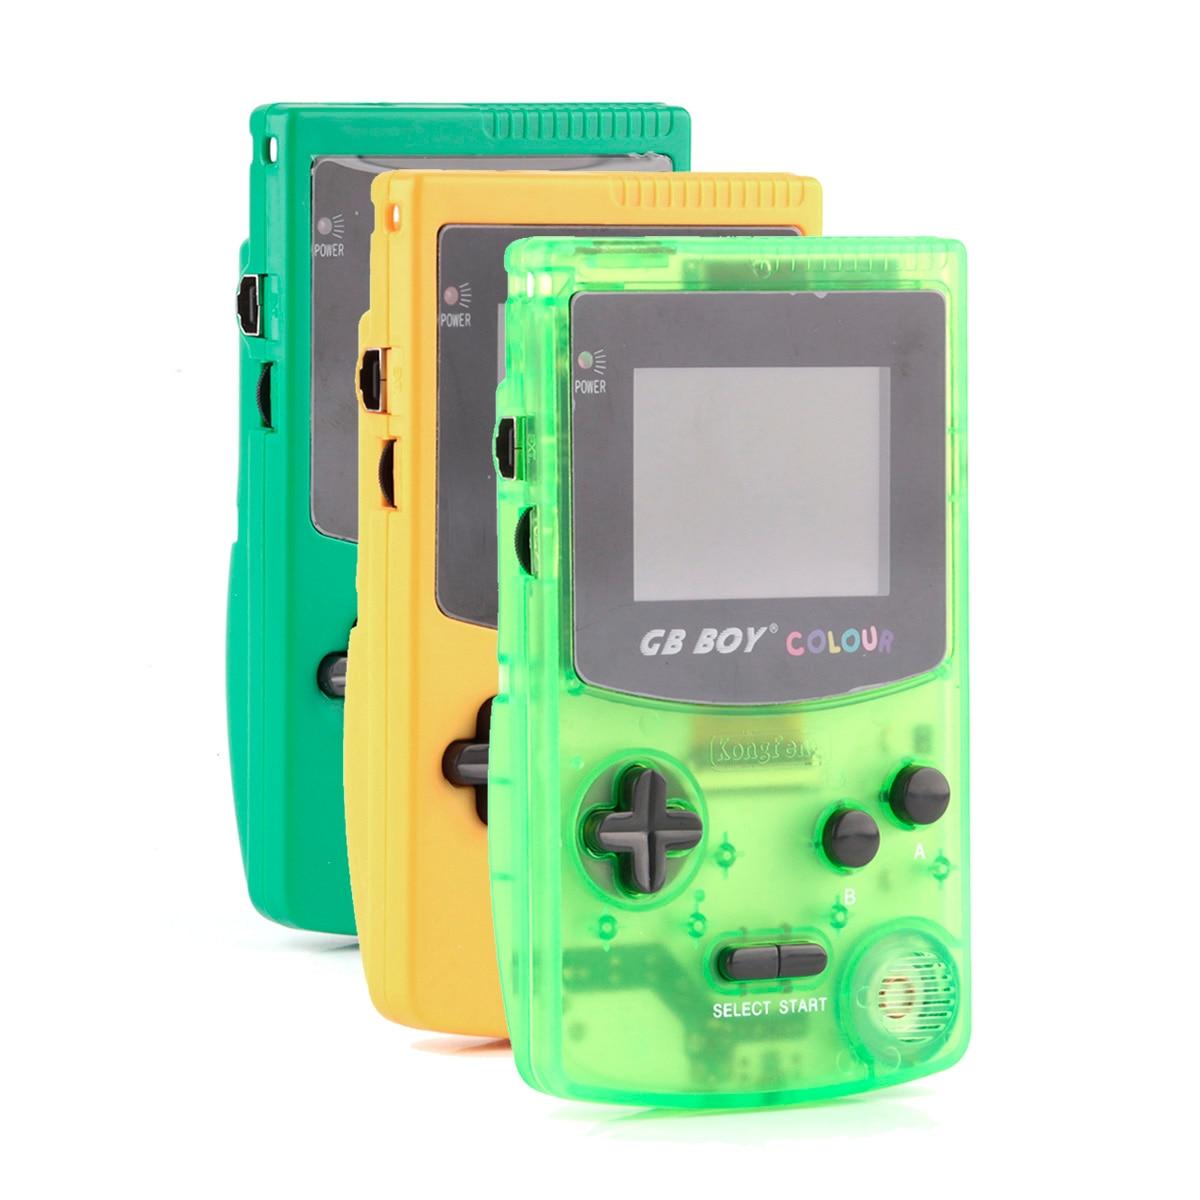 1PCS/Lot GB Boy Colour Color Handheld Game Player 2.7